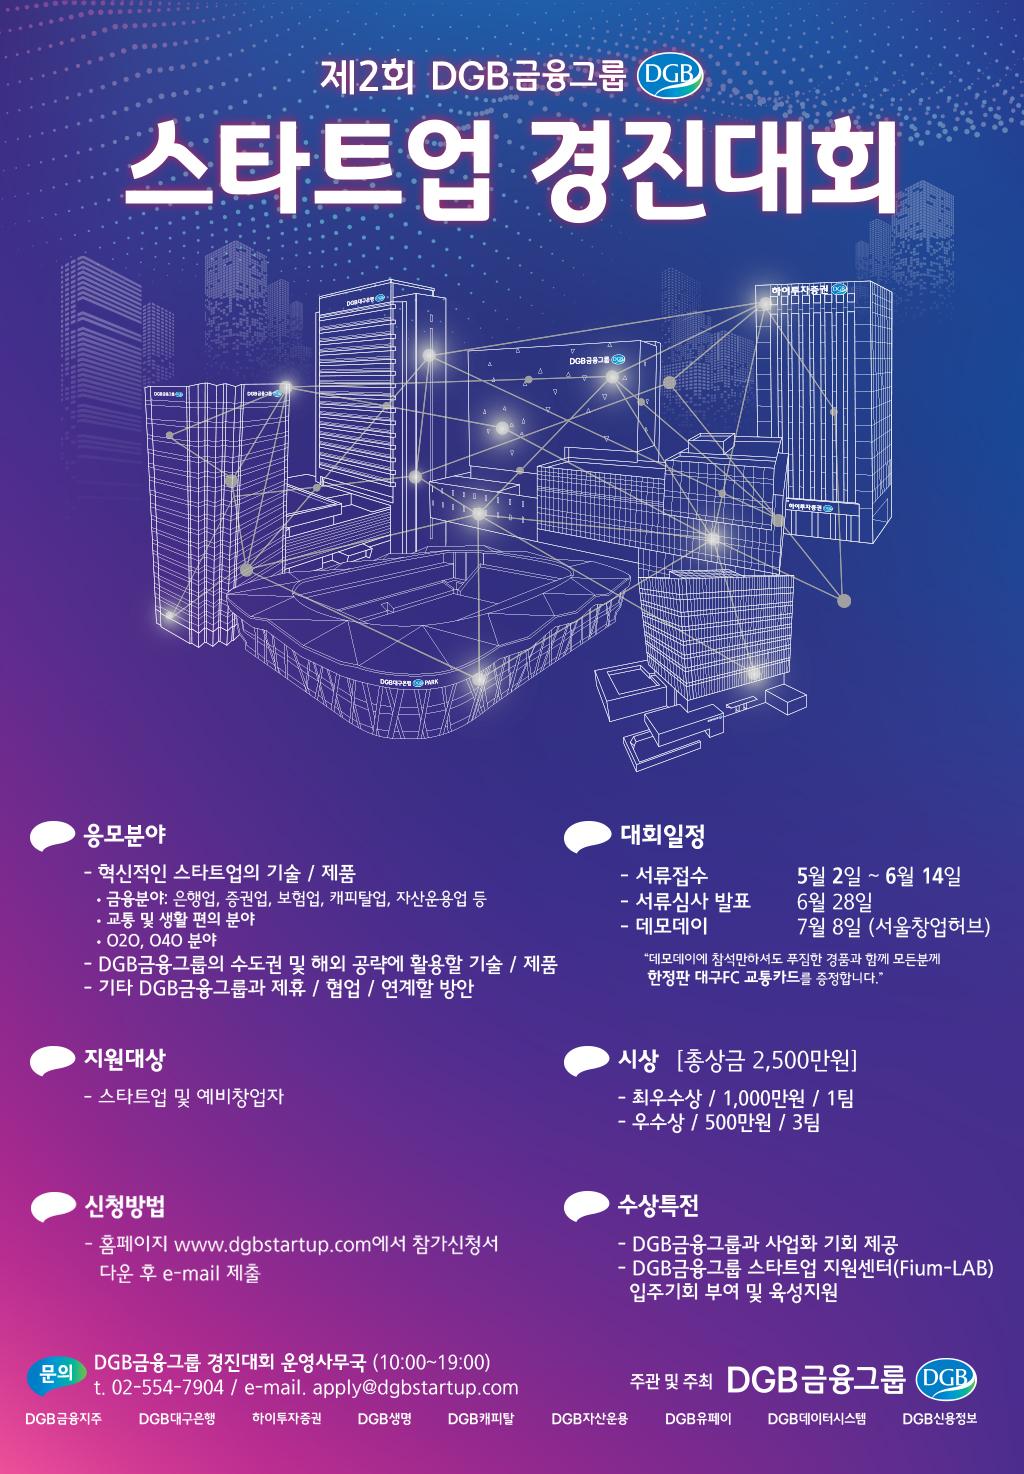 제 2회 DGB 금융그룹 스타트업 경진대회